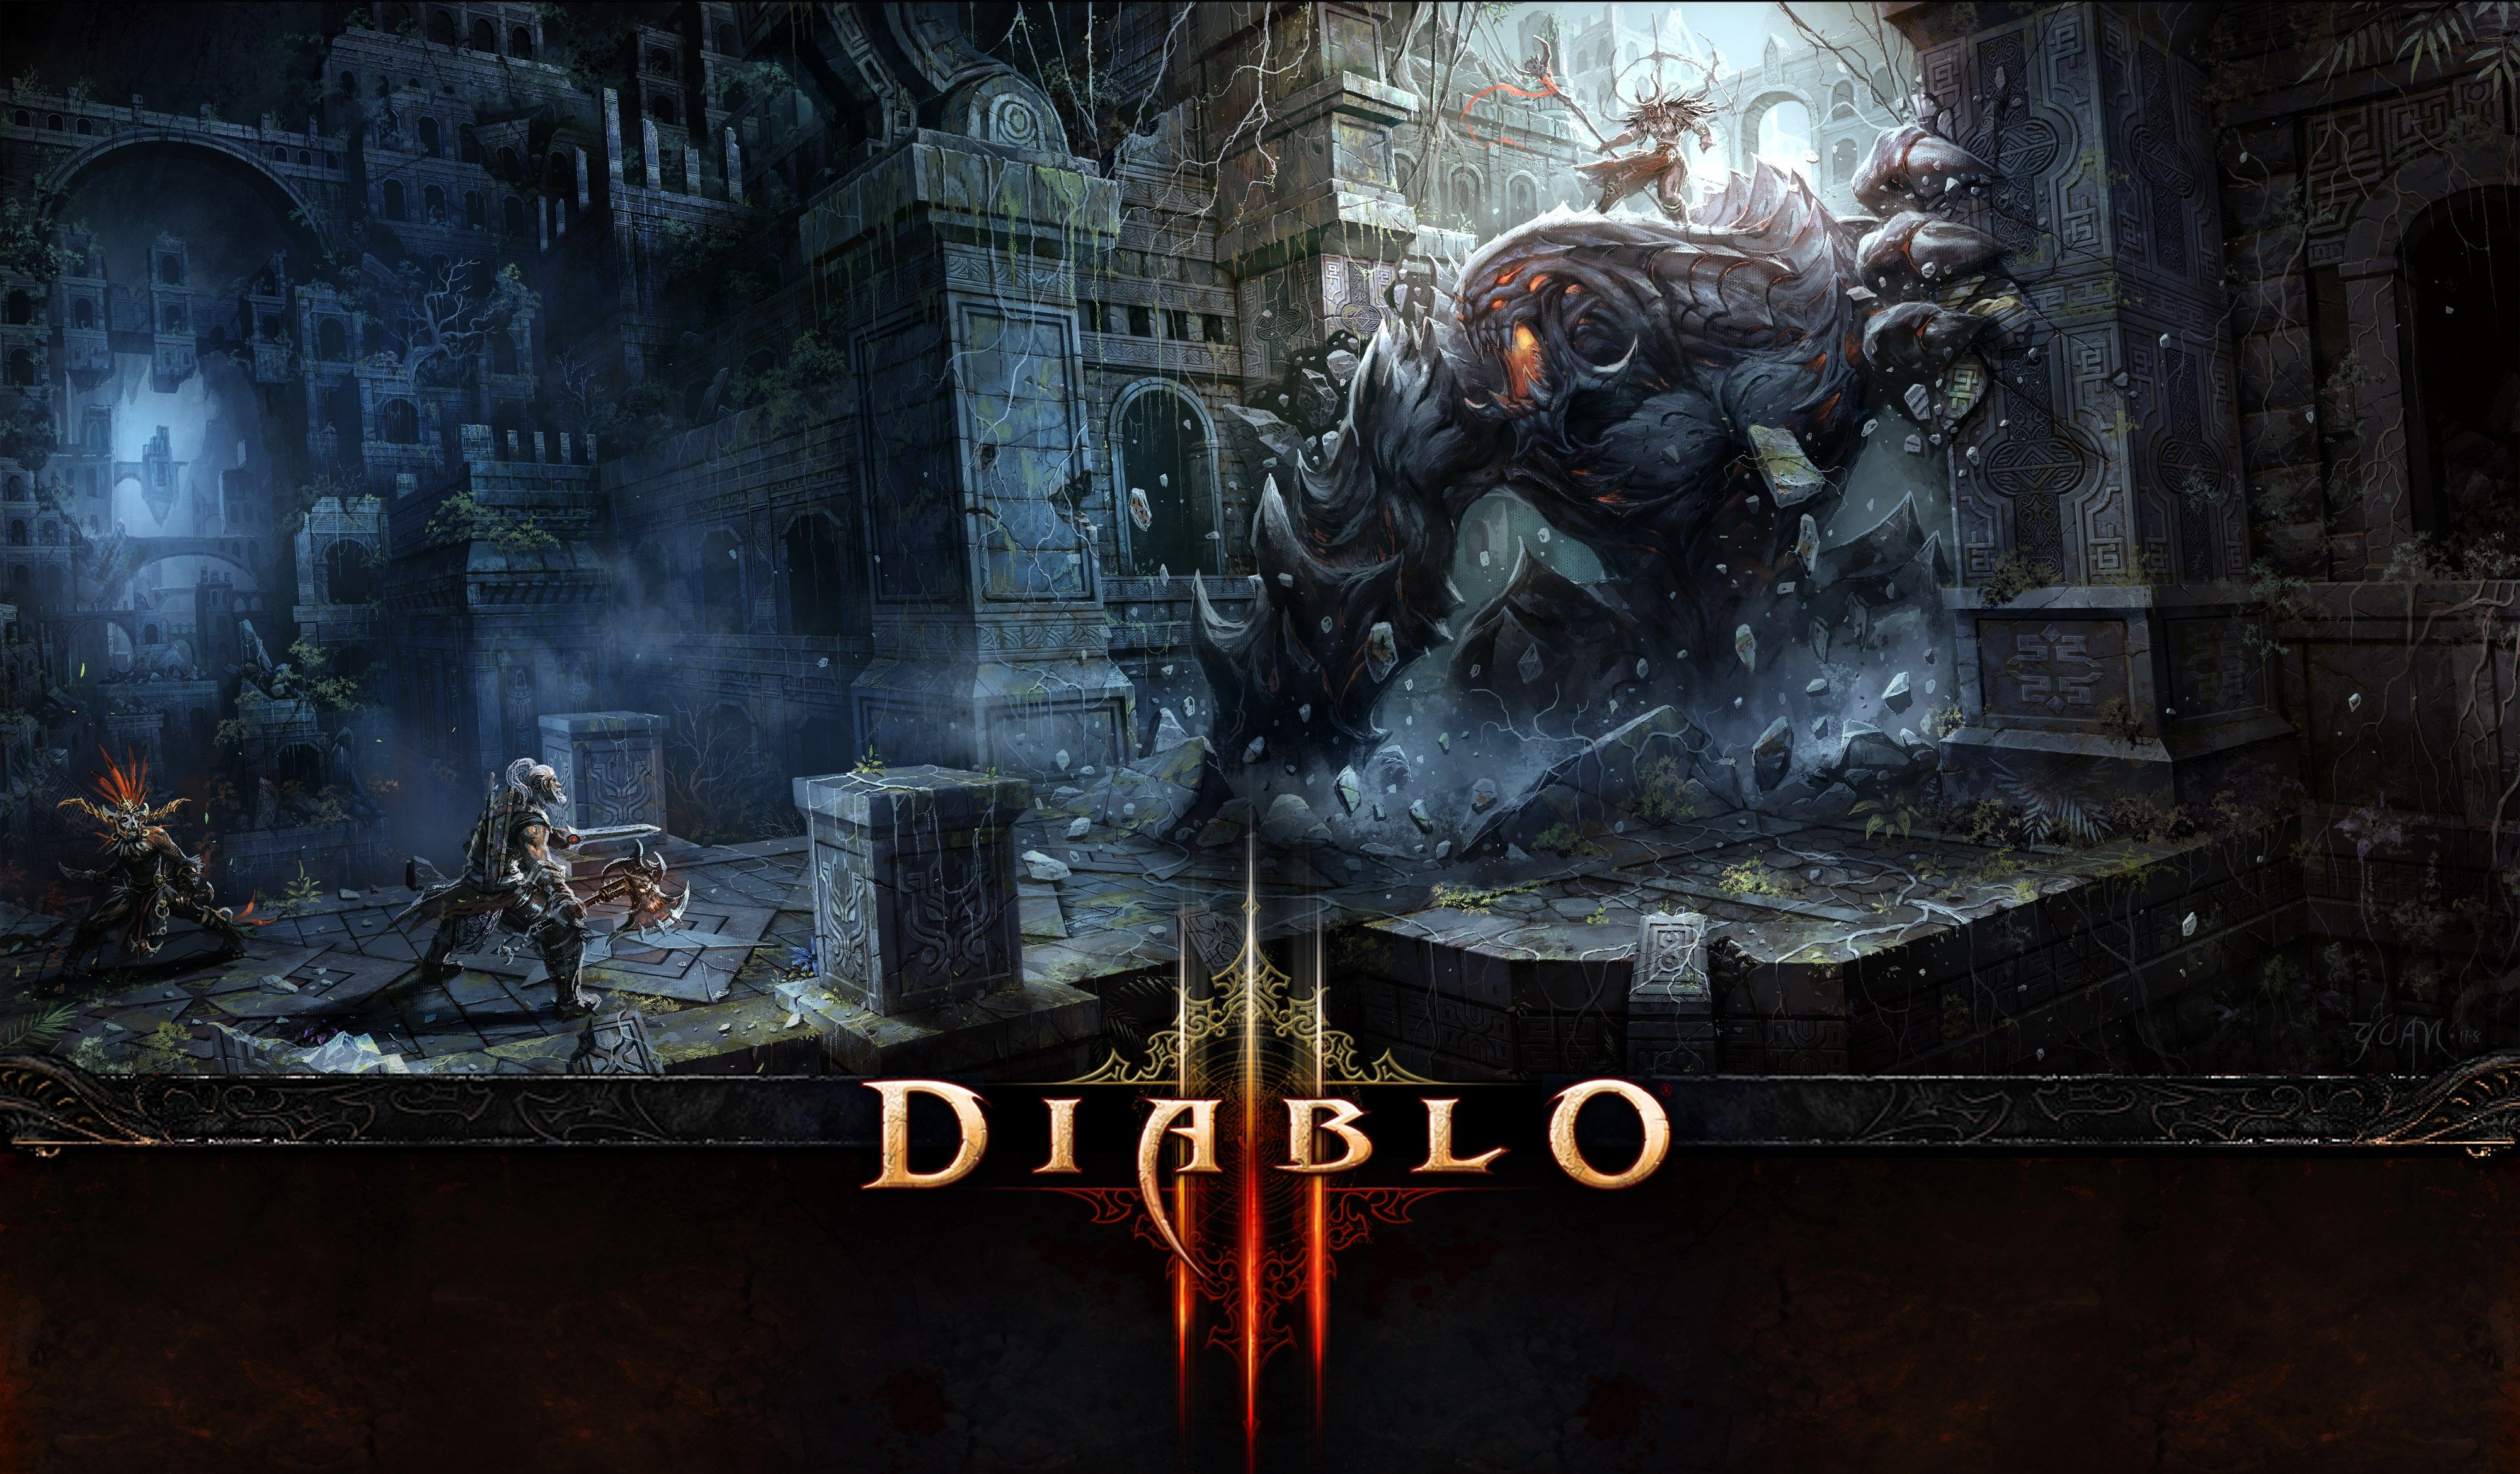 4k Diablo Iii Hd Wallpaper 4000x2339